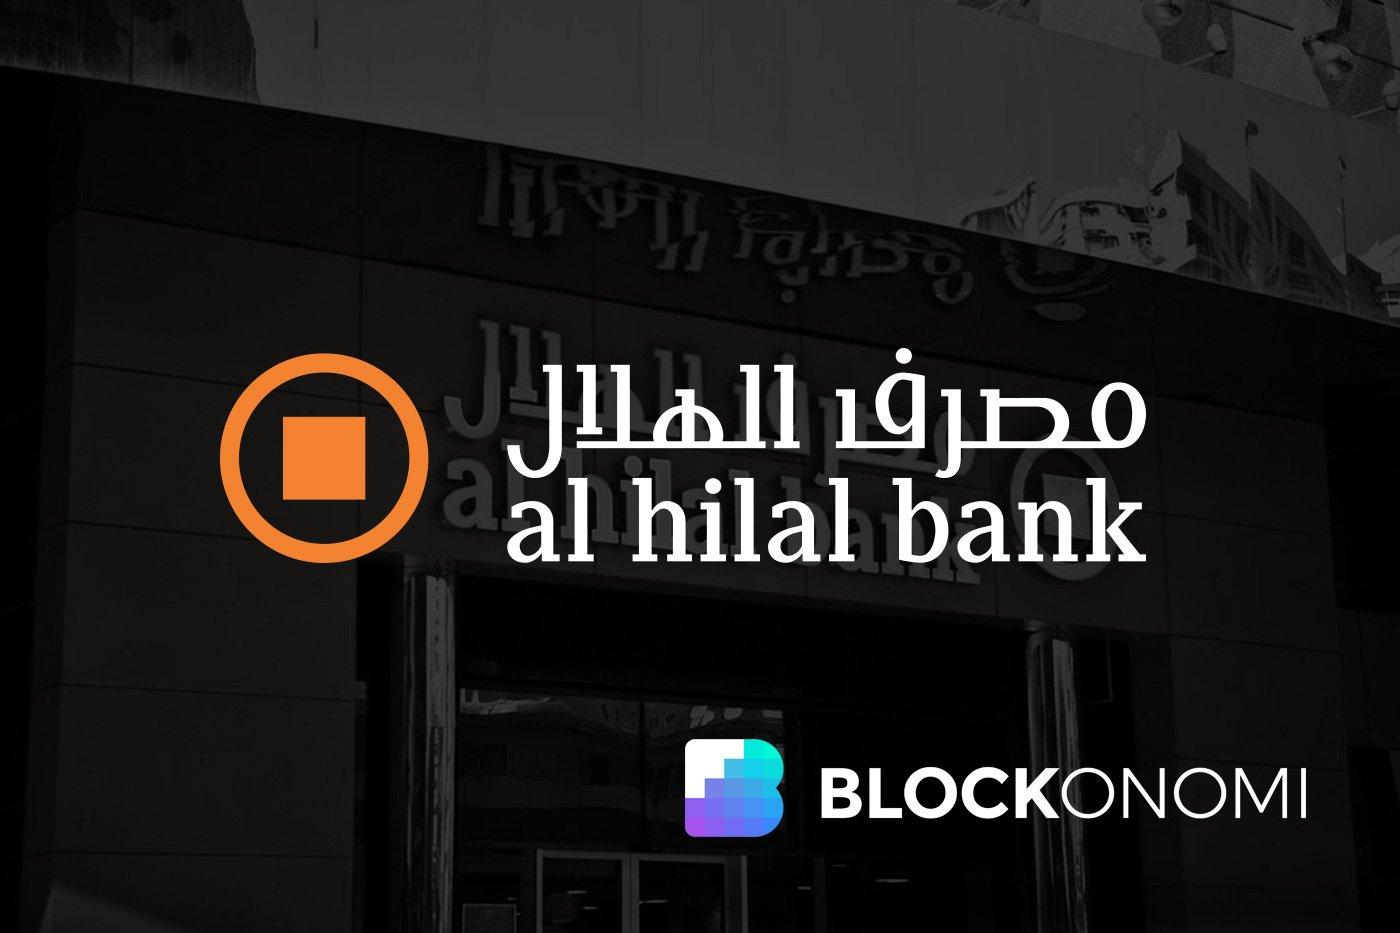 Al Hilal Blockchain